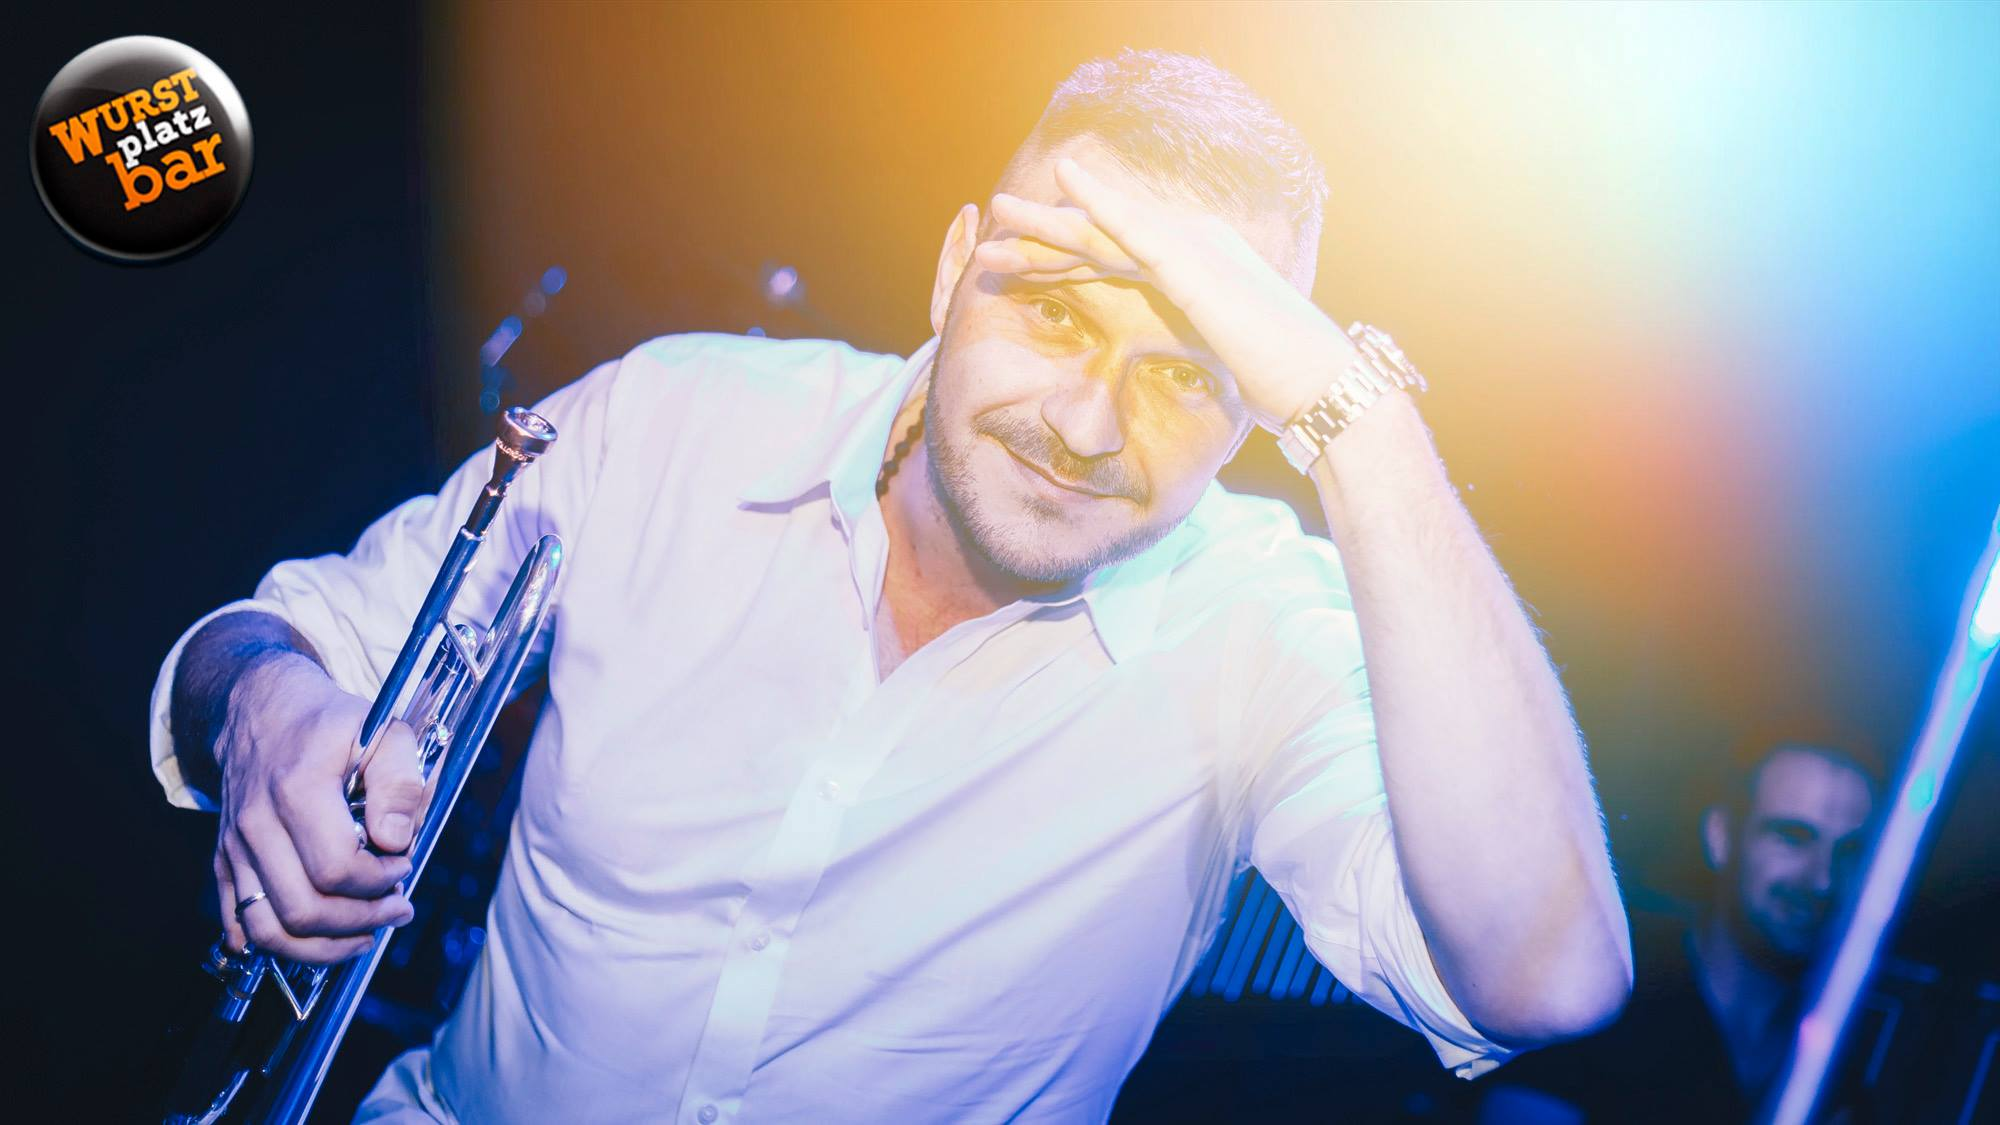 Dejan Petrović u Wurstu/ Photo: Marko Popović